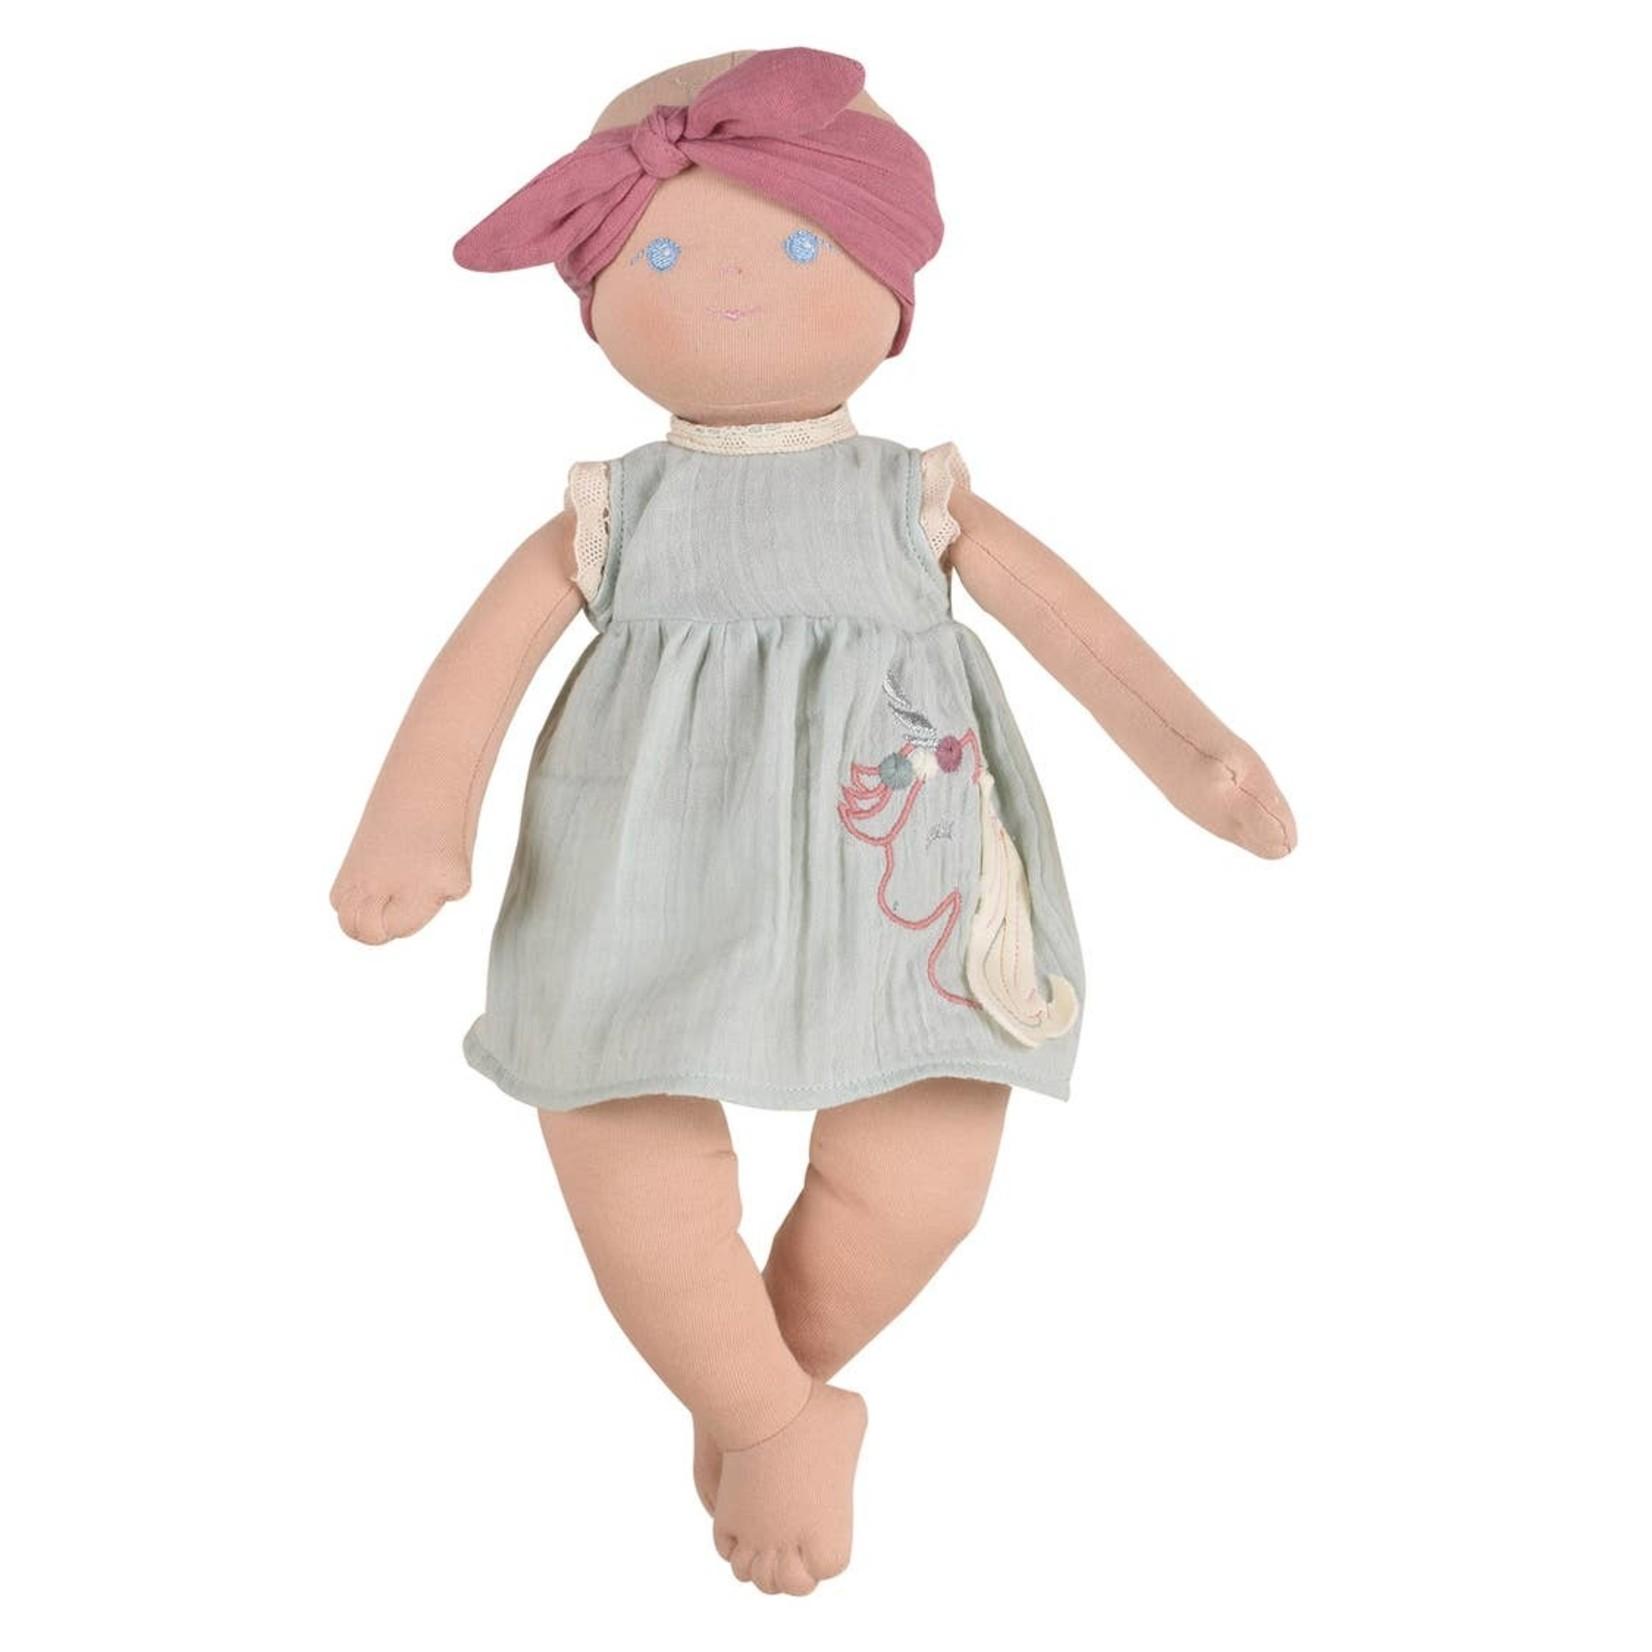 Tikiri Toys Baby Kaia Organic Doll